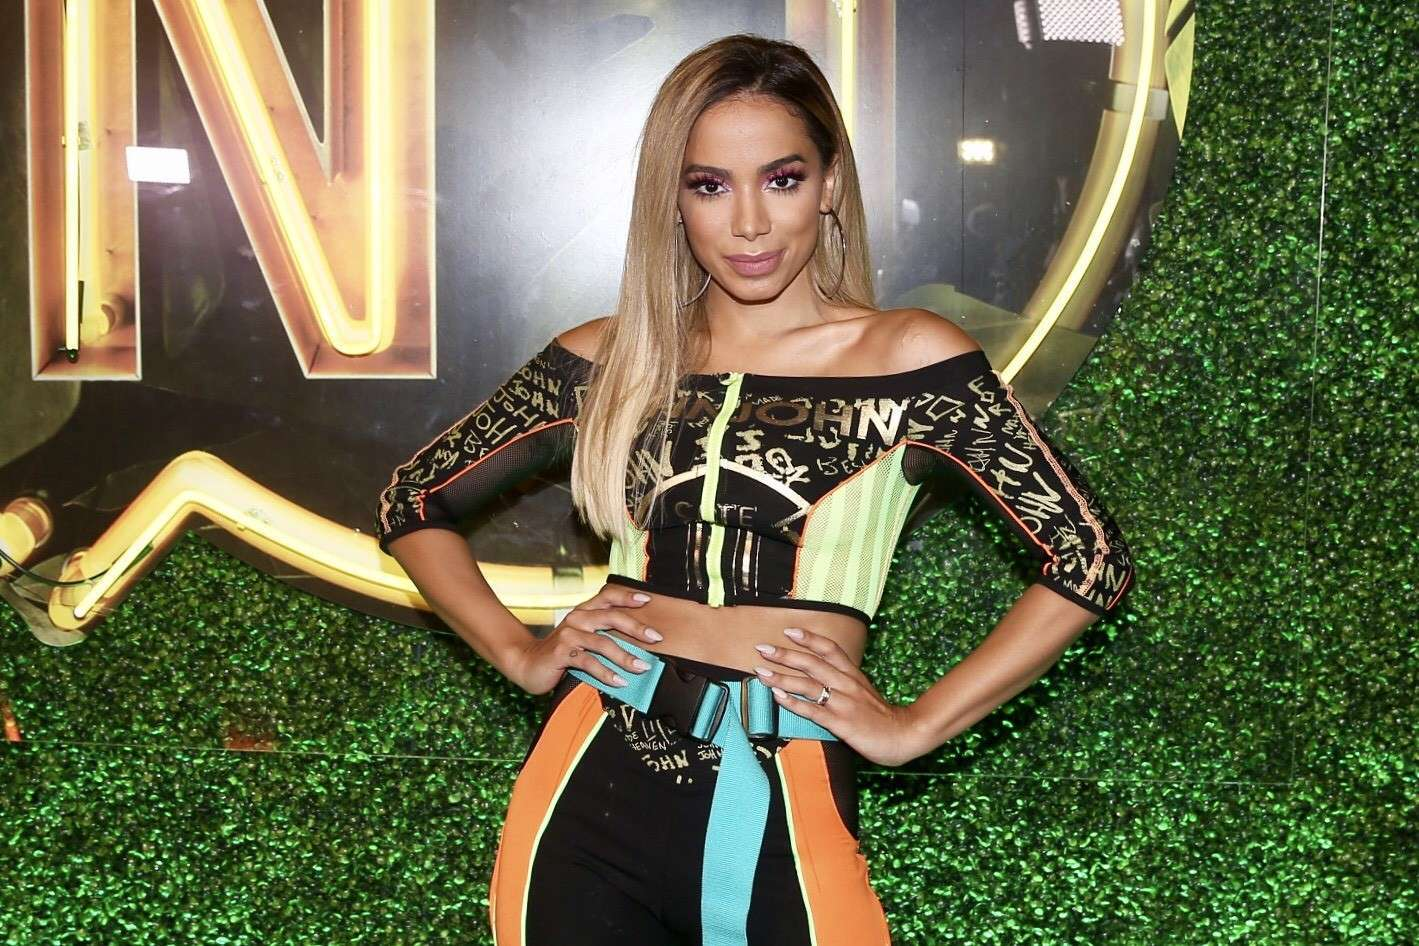 Na edição de terça do 'Anitta entrou no grupo', do Multishow, ela havia dito: 'só convido gente que eu amo, não convido gente hanseníase'.